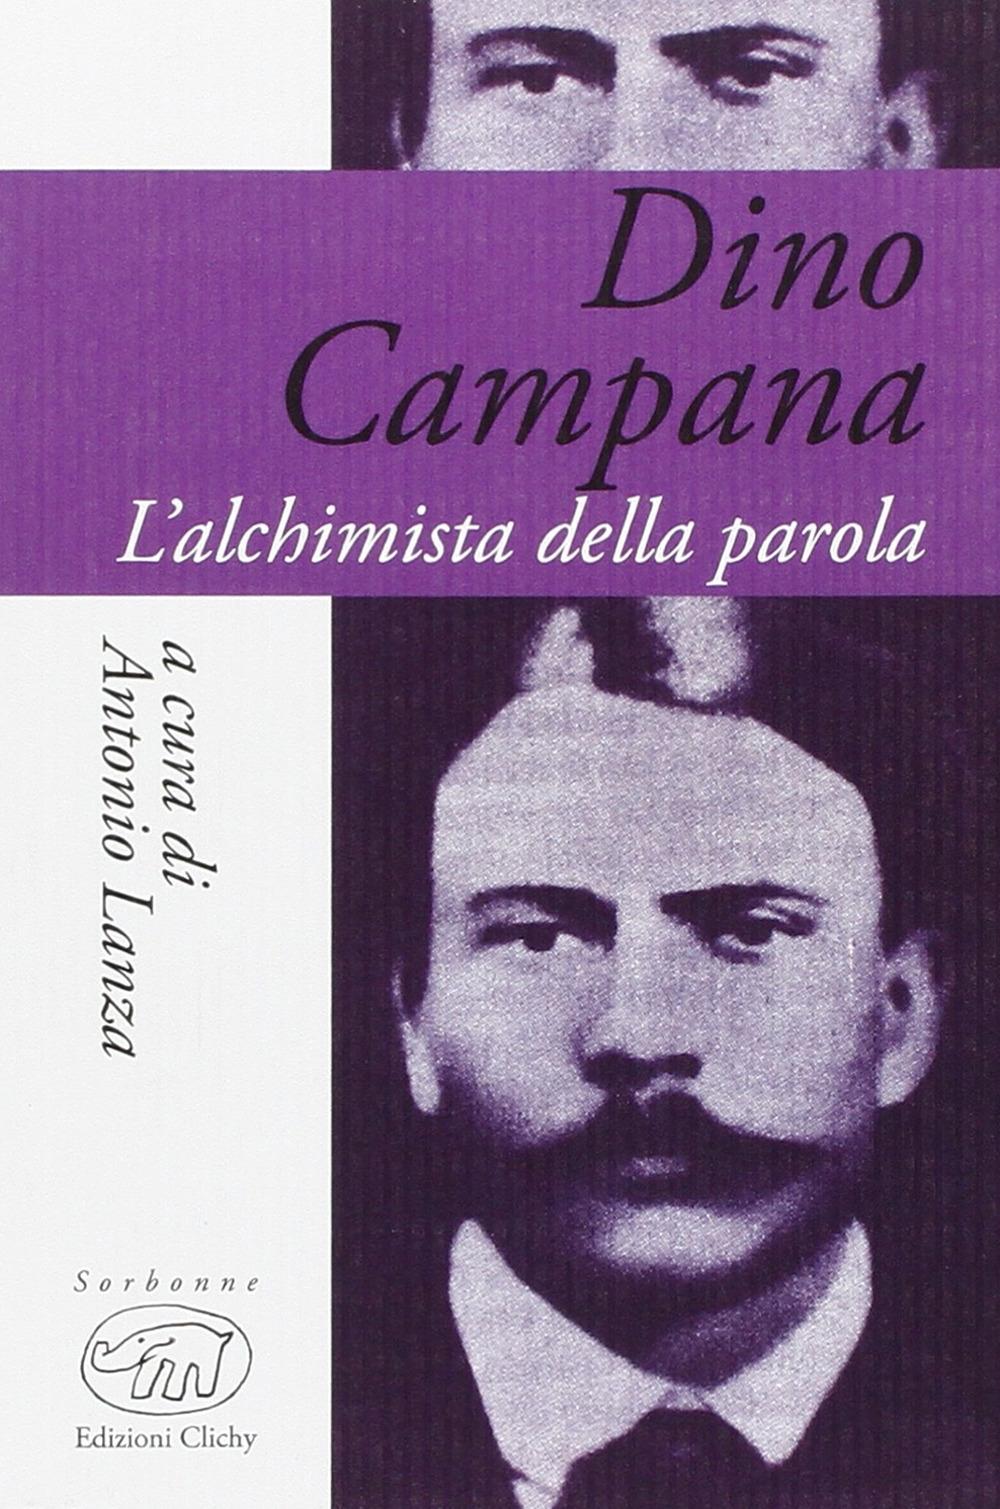 Dino Campana. L'alchimia della parola